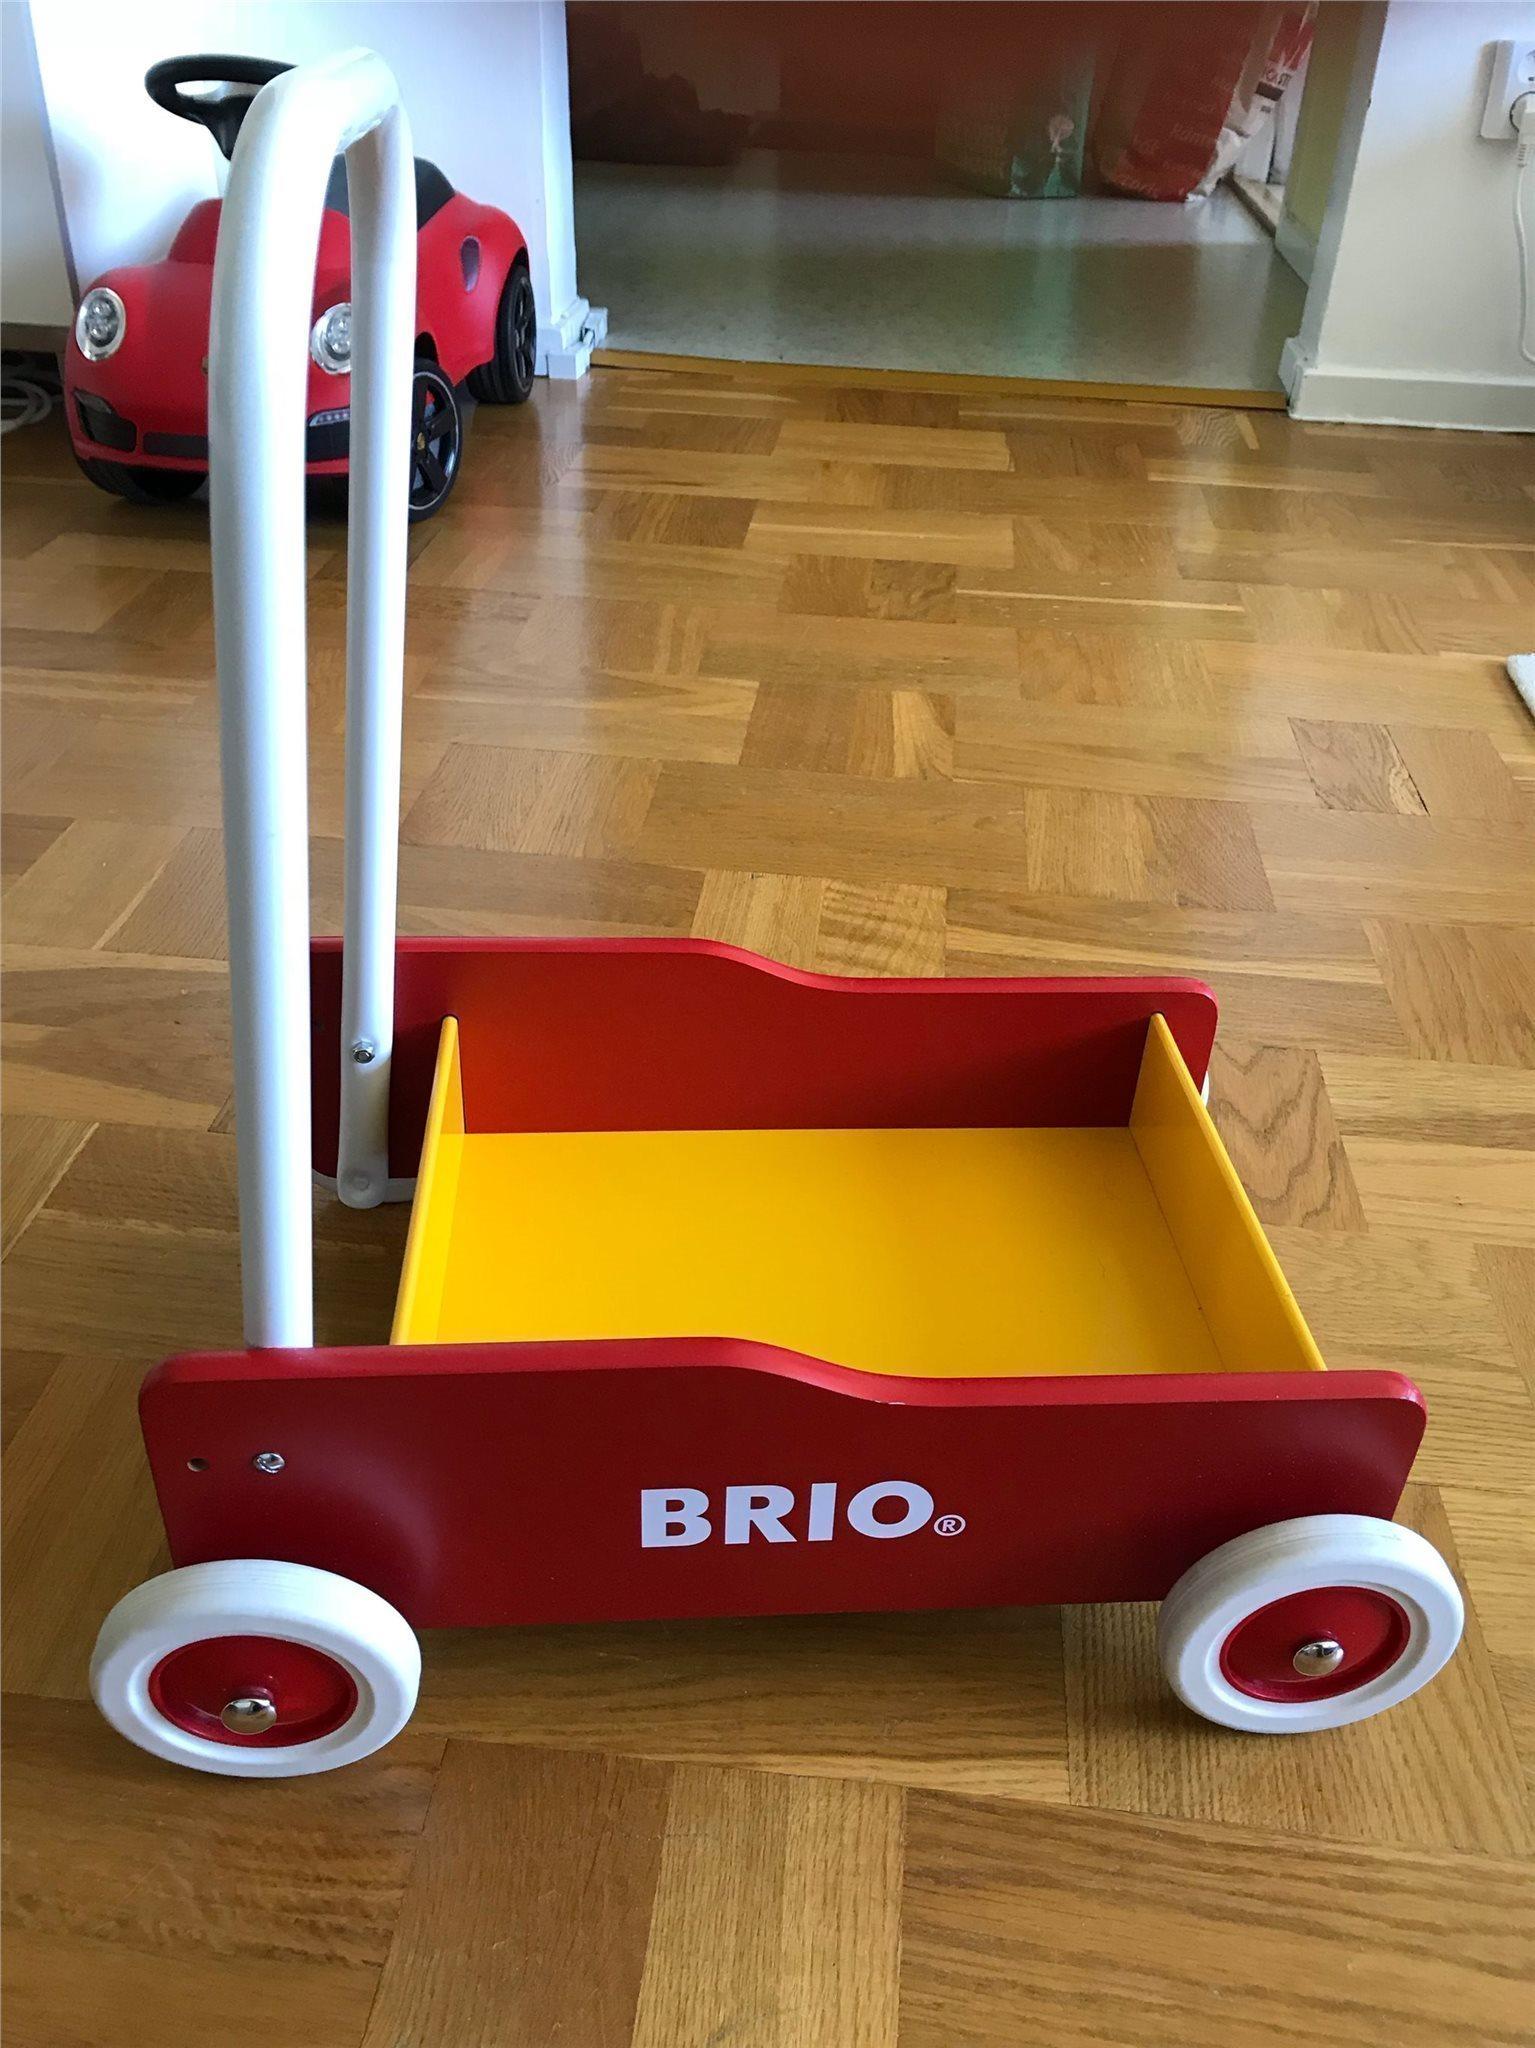 BRIO lära gå vagn - Röd - NY! Leksaker - AVHÄMTNING i Häggvik